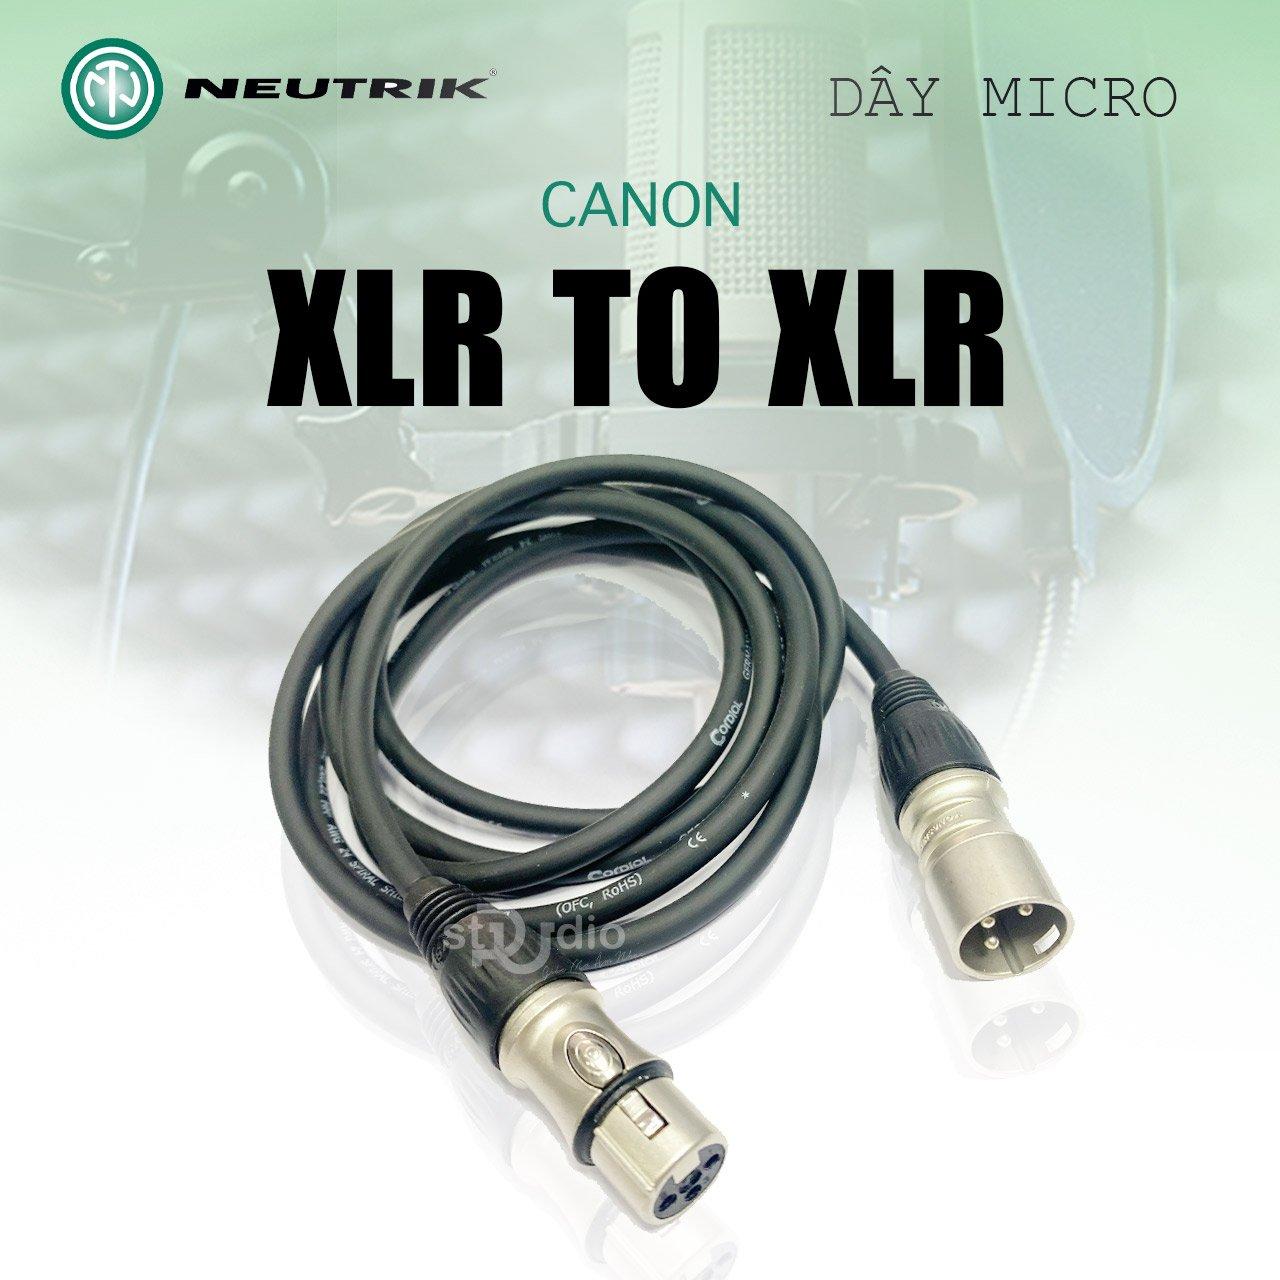 Dây Micro Canon Neutrik Yongshen - XLR to XLR Cable Microphone